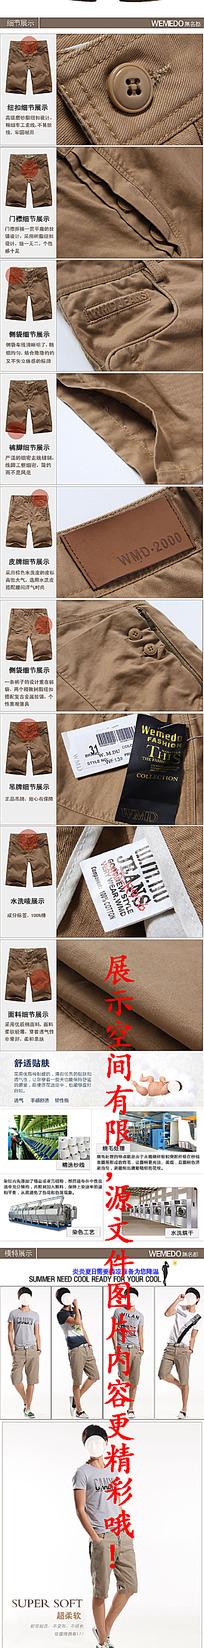 休闲裤淘宝详情页细节展示